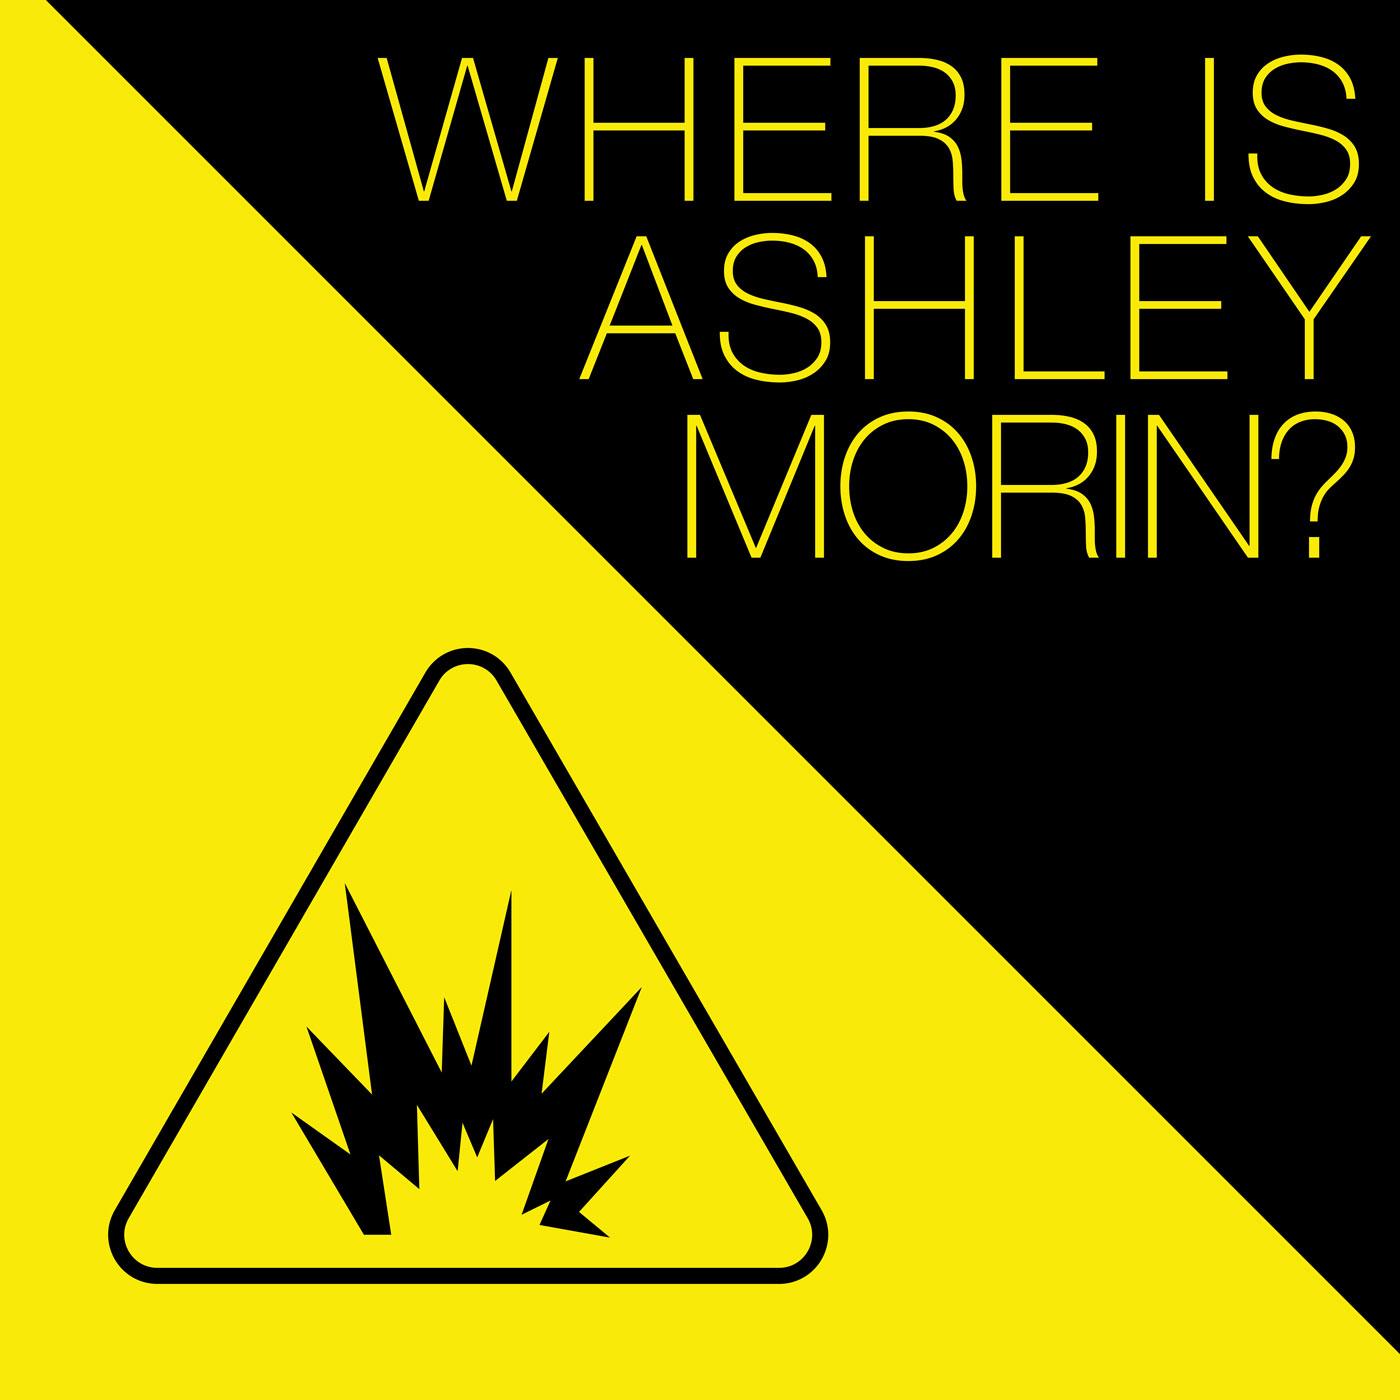 Where is Ashley Morin?